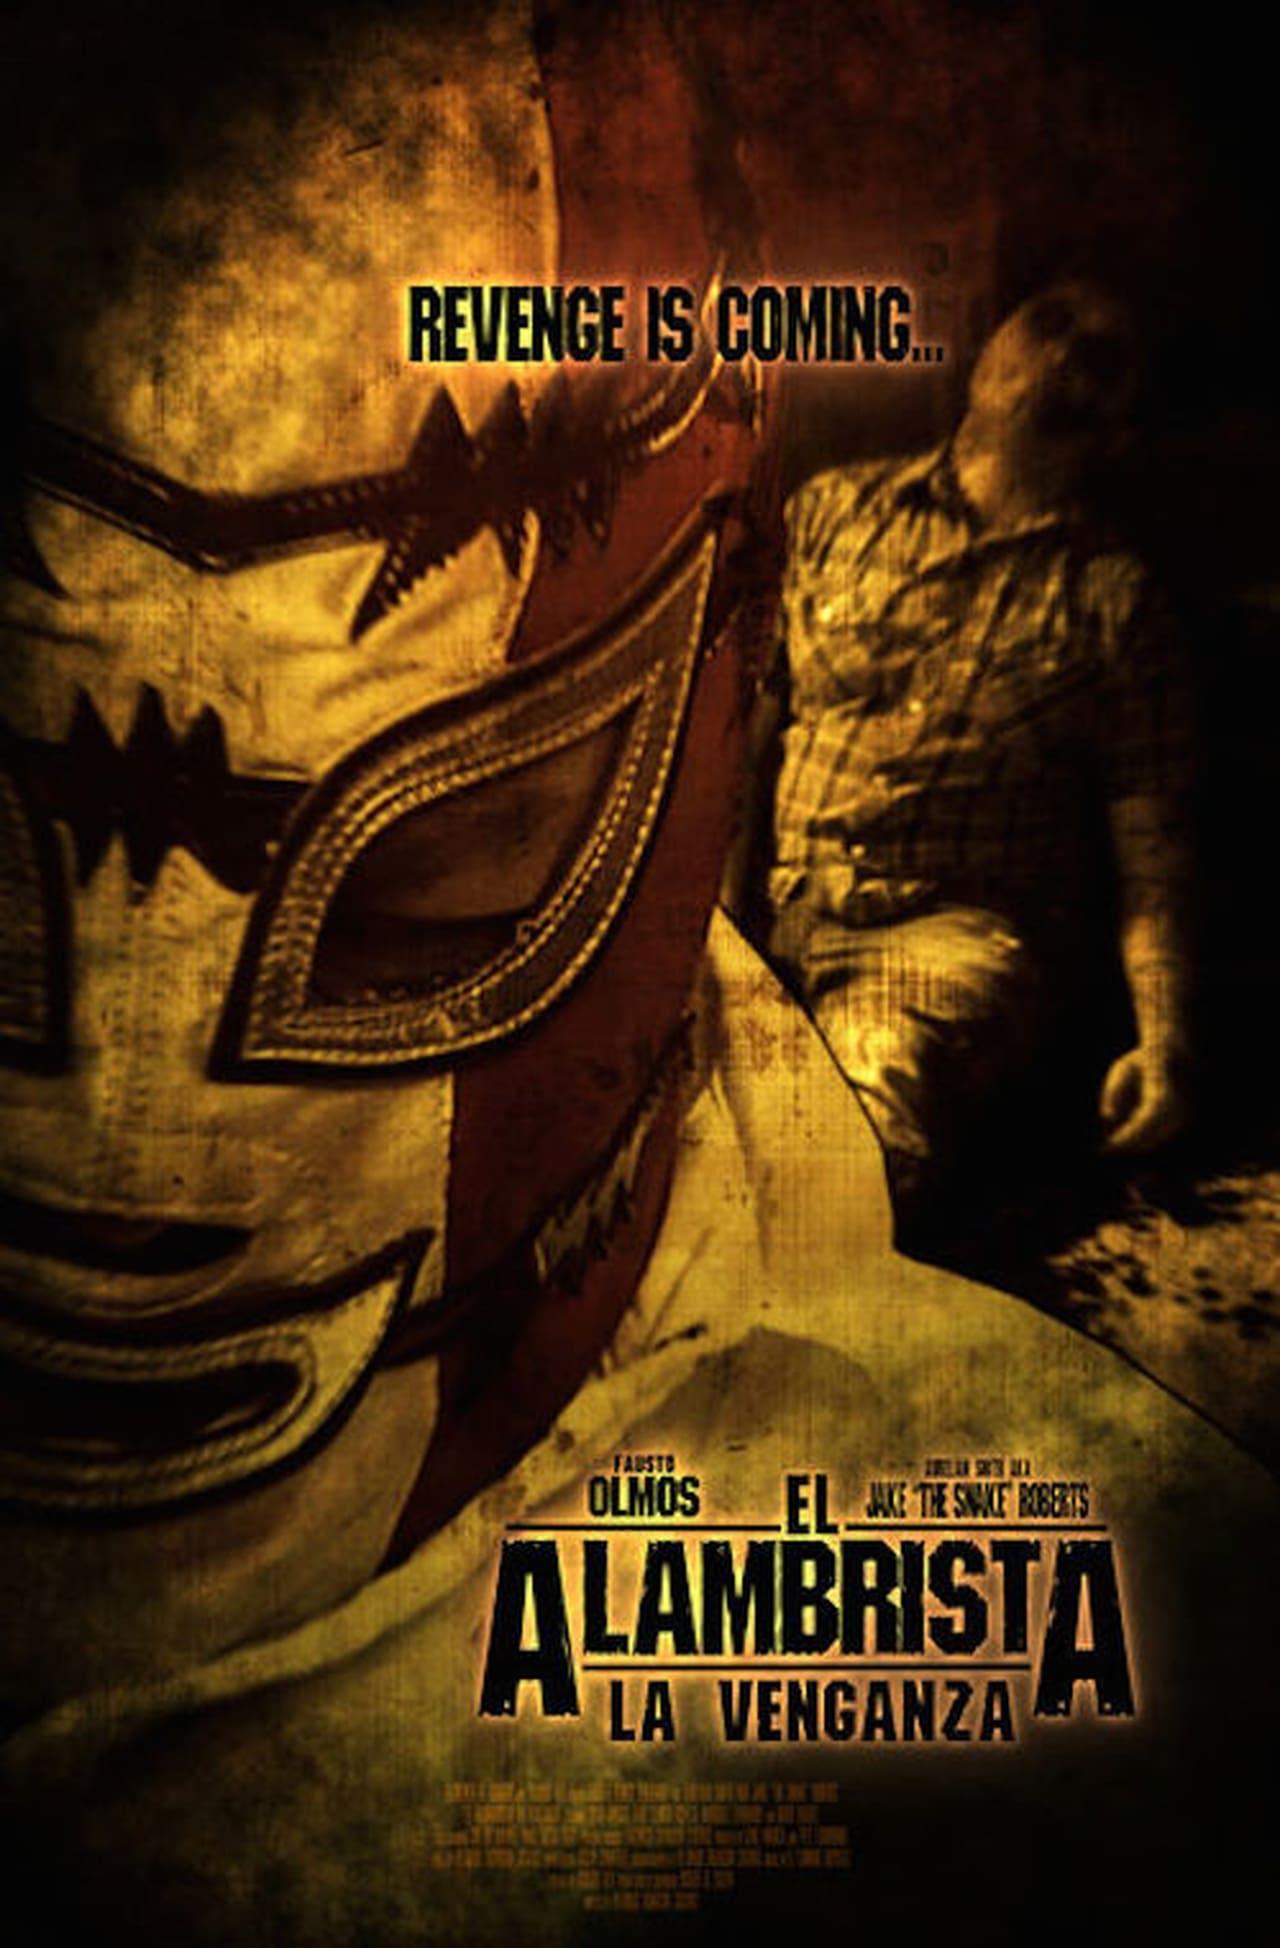 El Alambrista: La Venganza